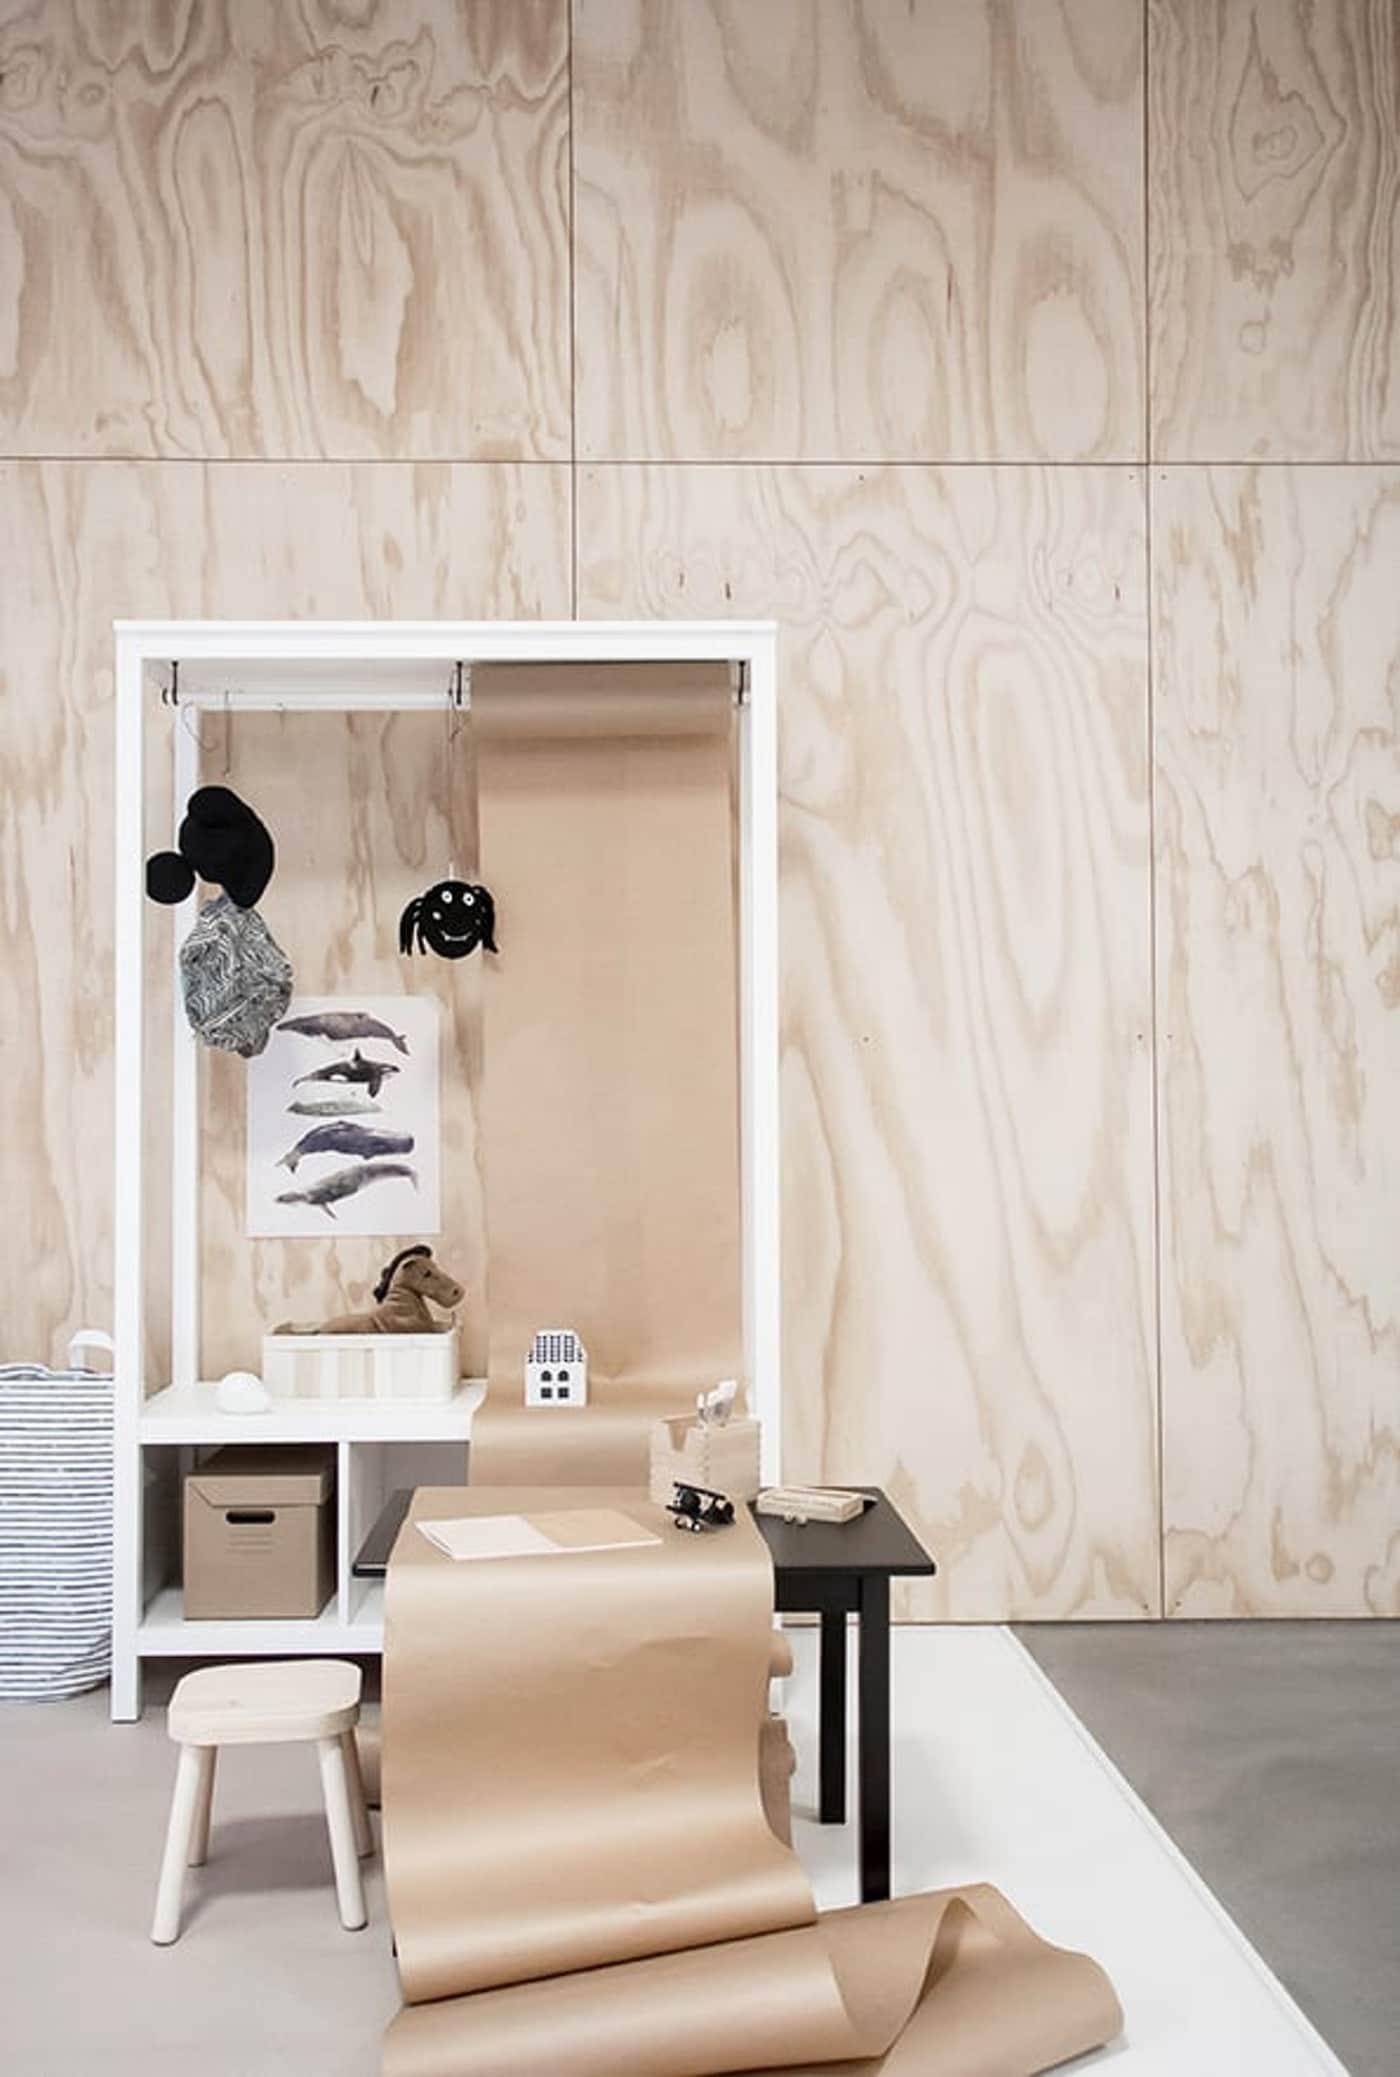 wandkast-inrichten-kinderplek-IKEA wooninspiratie